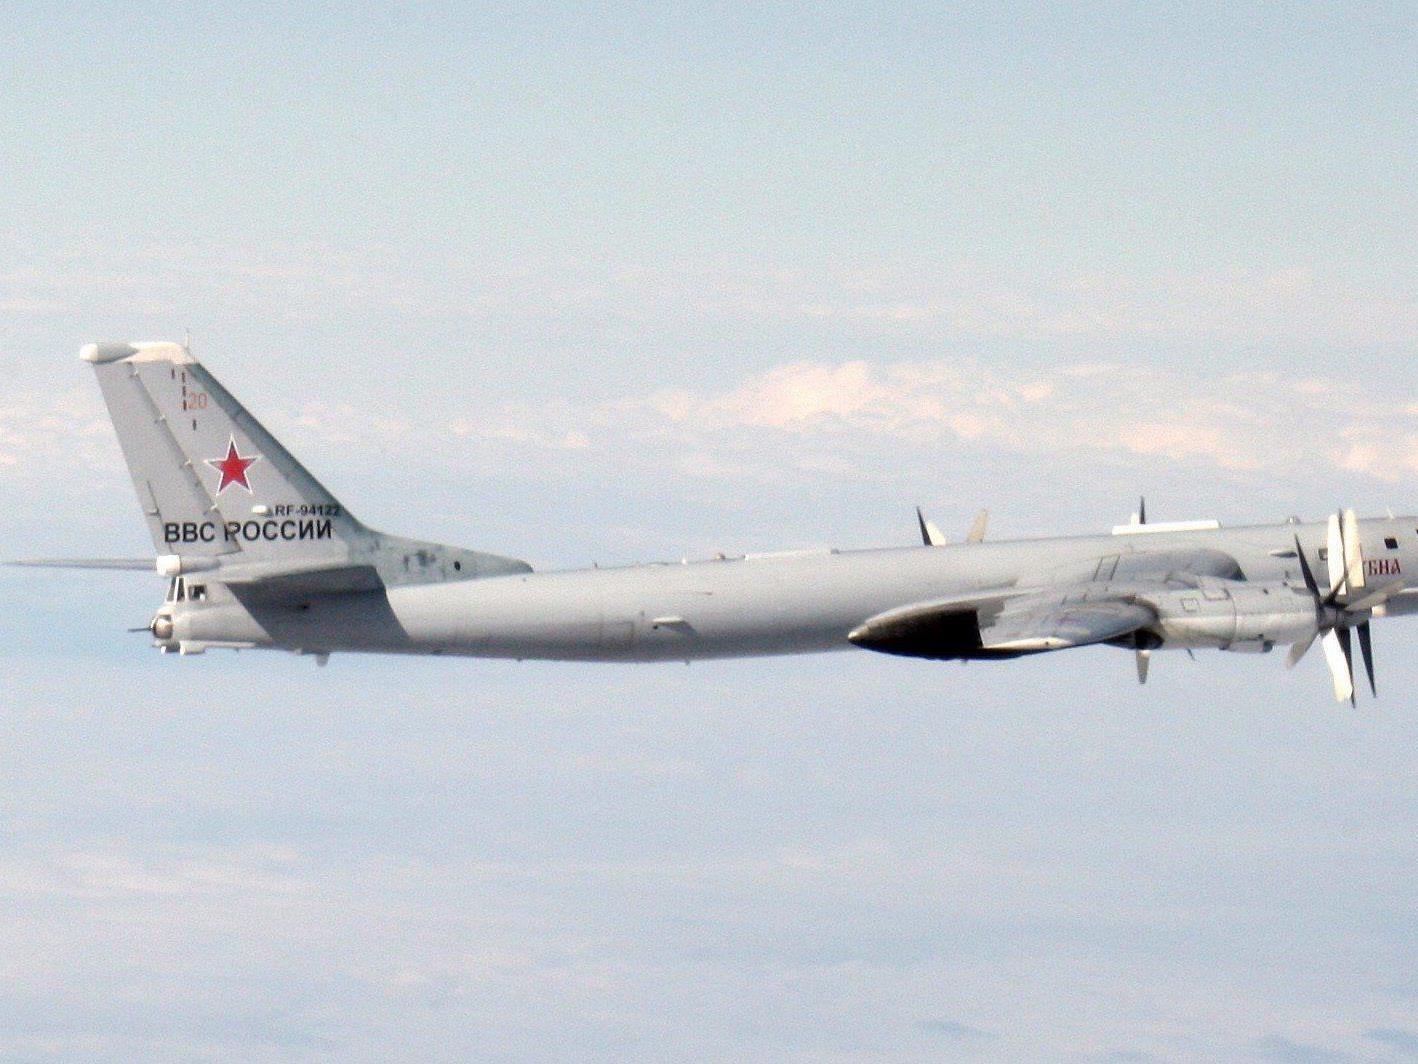 Bomber, U-Boote und Raketen - Moskau zeigt militärische Stärke